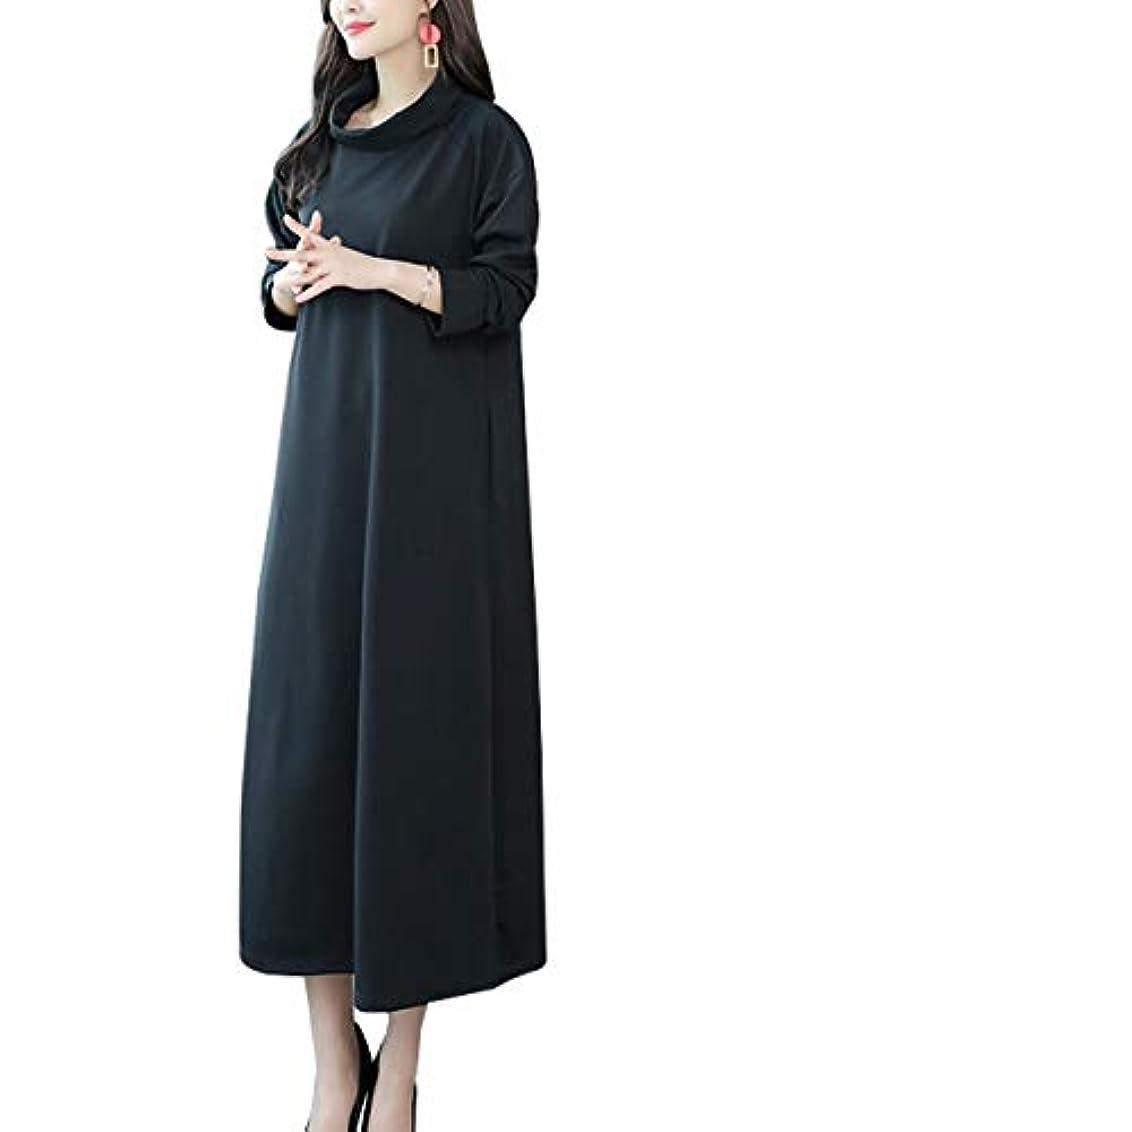 復活被る要件[ココチエ] ワンピース 黒 シンプル ひざ丈 上品 大きい ゆったり